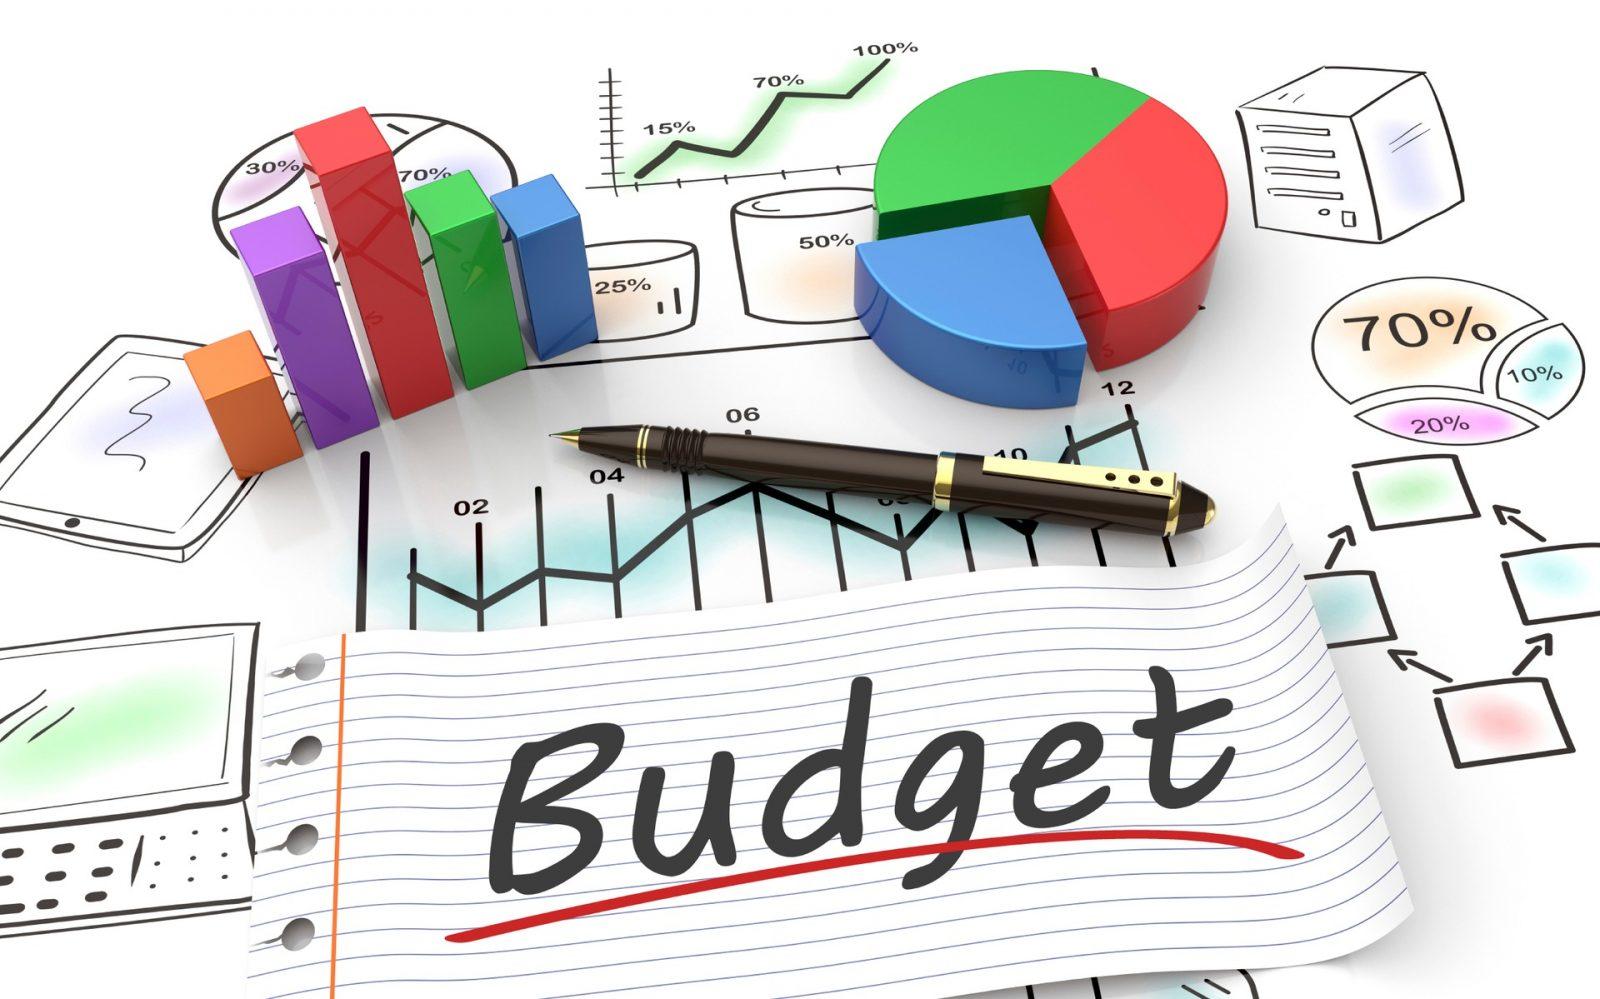 Budget du Québec 2019-2020: une volonté de rendre les entreprises plus compétitives dans une économie en transformation